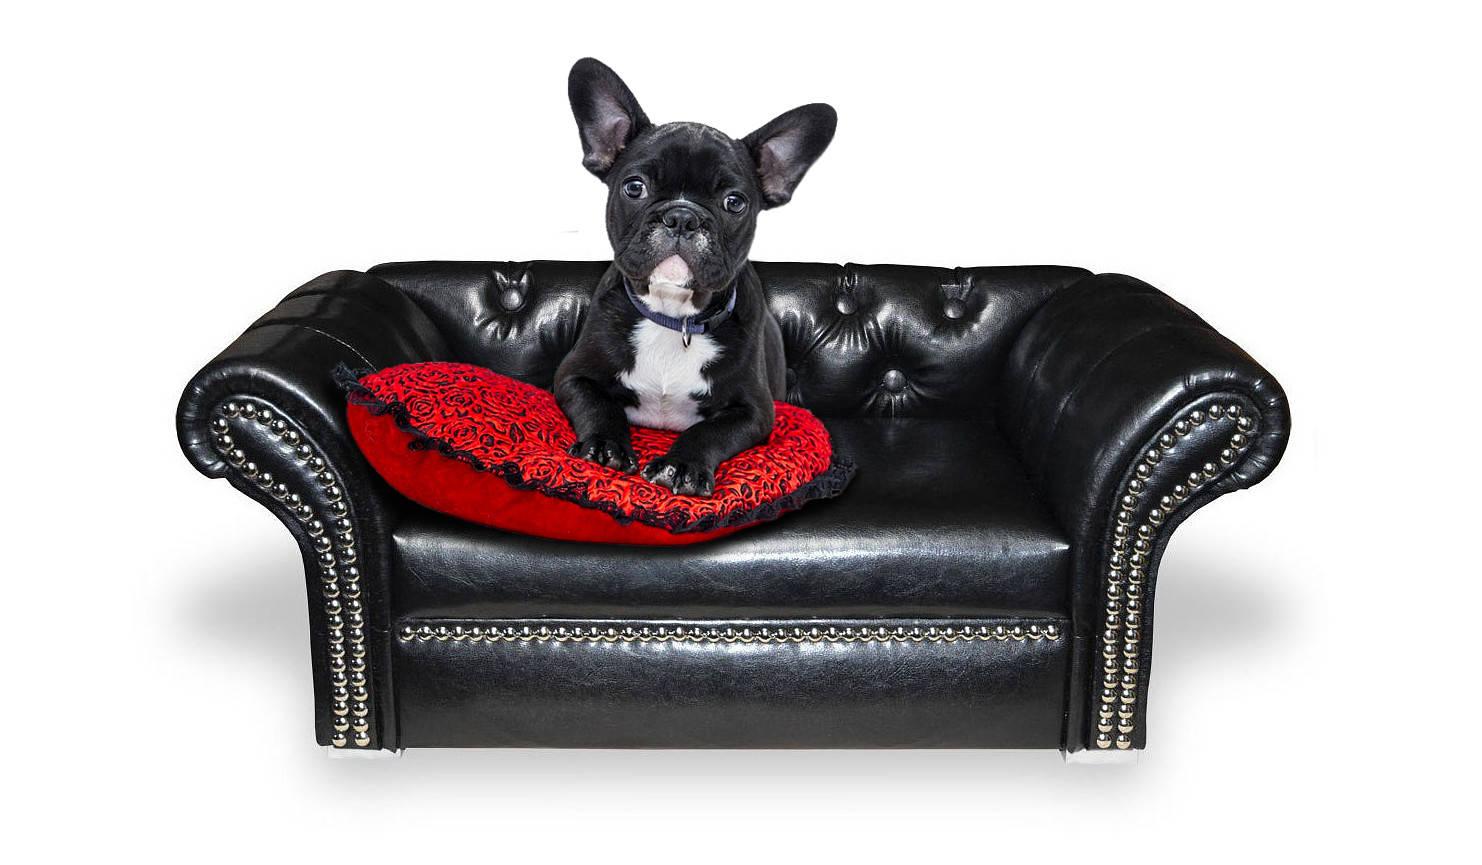 Designer Hundesofa Hundecouch Hundebett York Lux Chesterfield